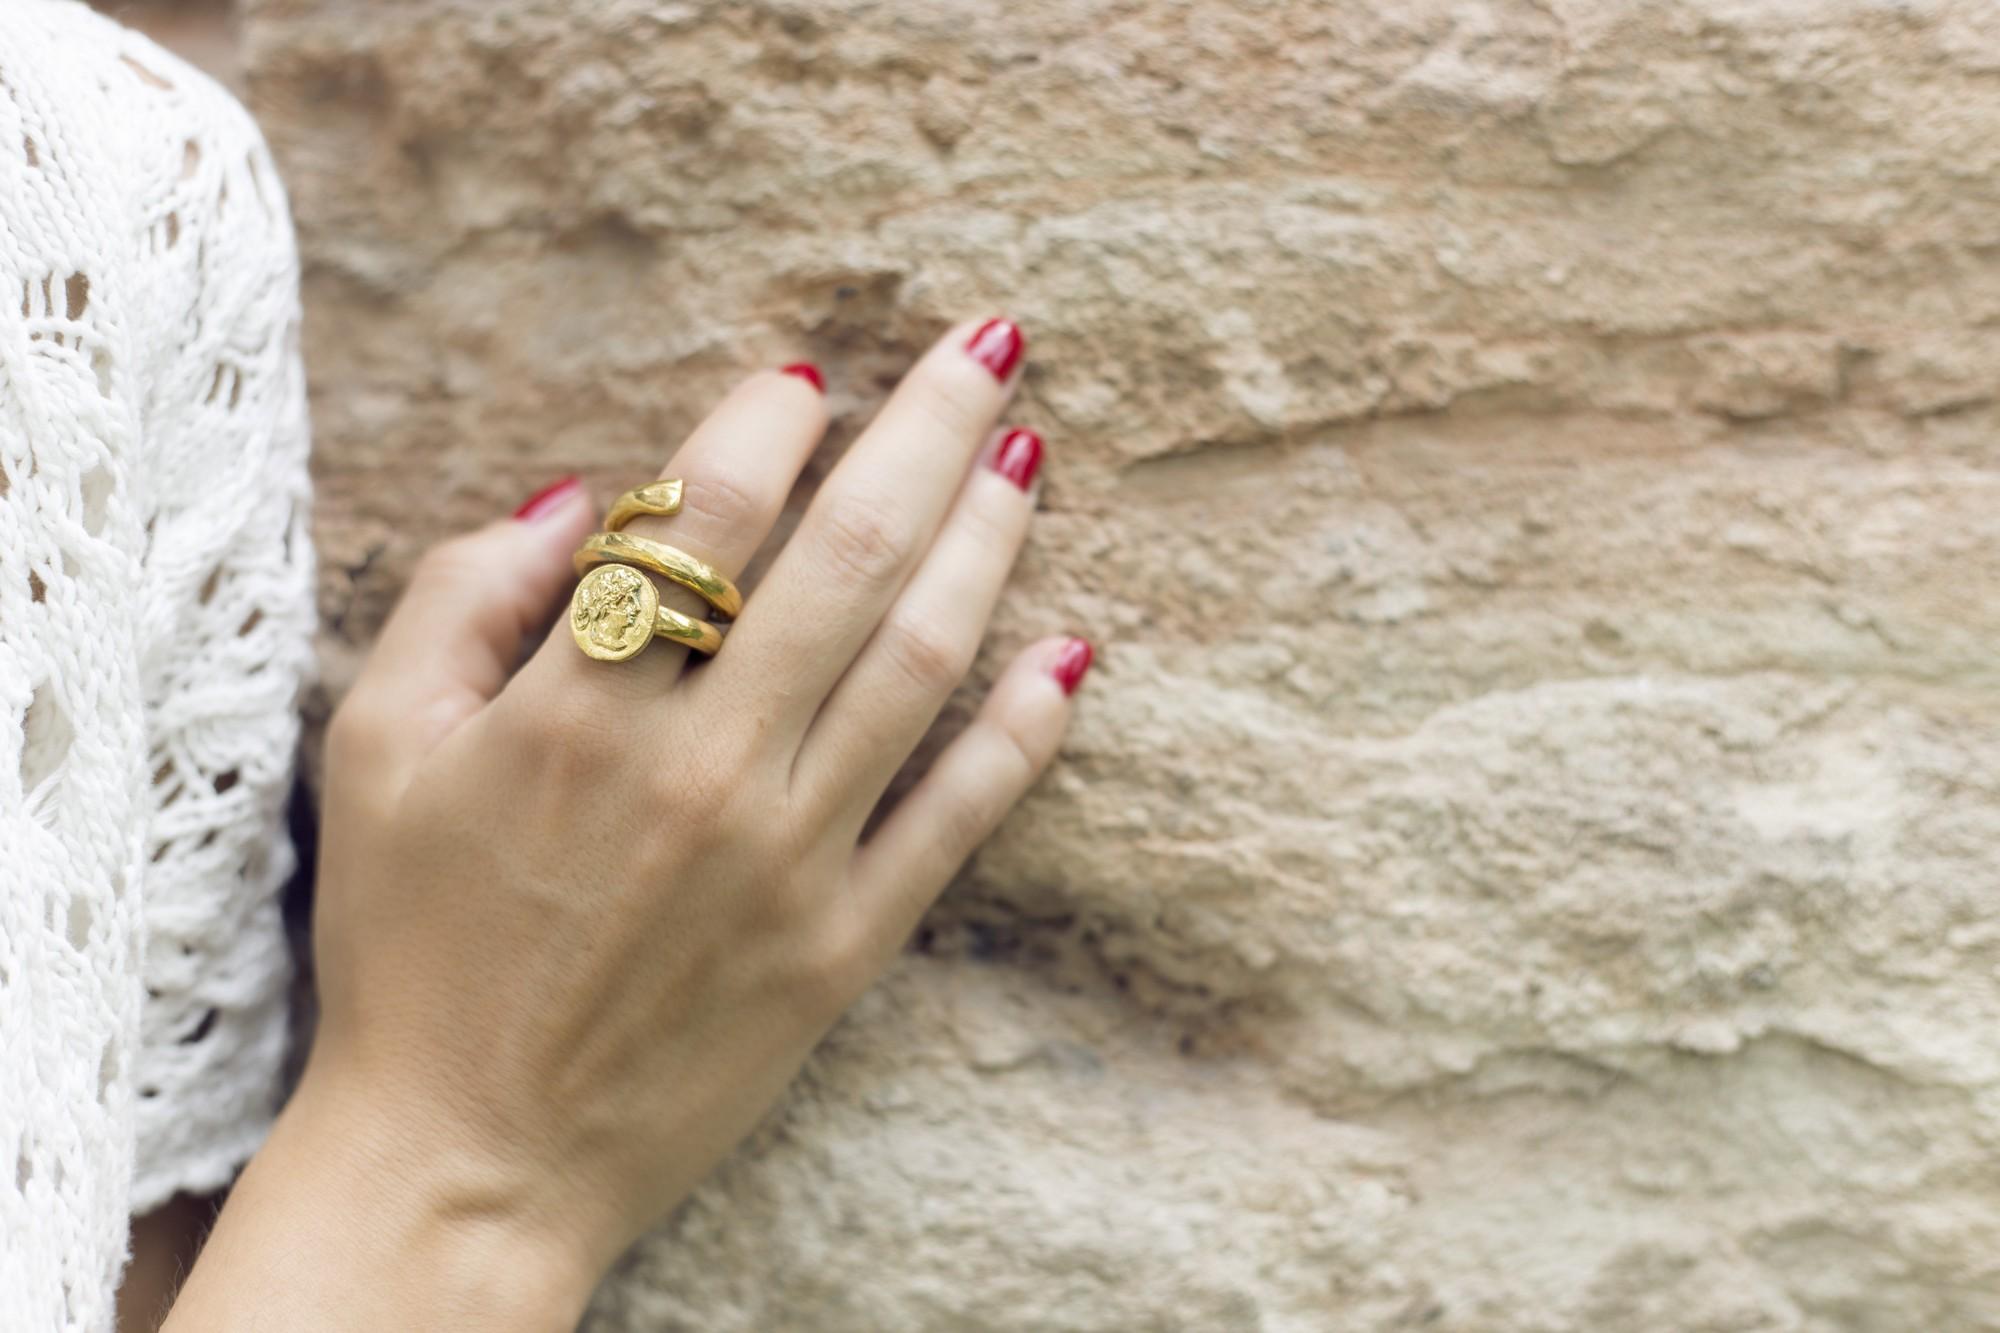 besign jewellery, midnight express istanbul, altın yüzük modelleri, antika yüzük, sarmal yüzük